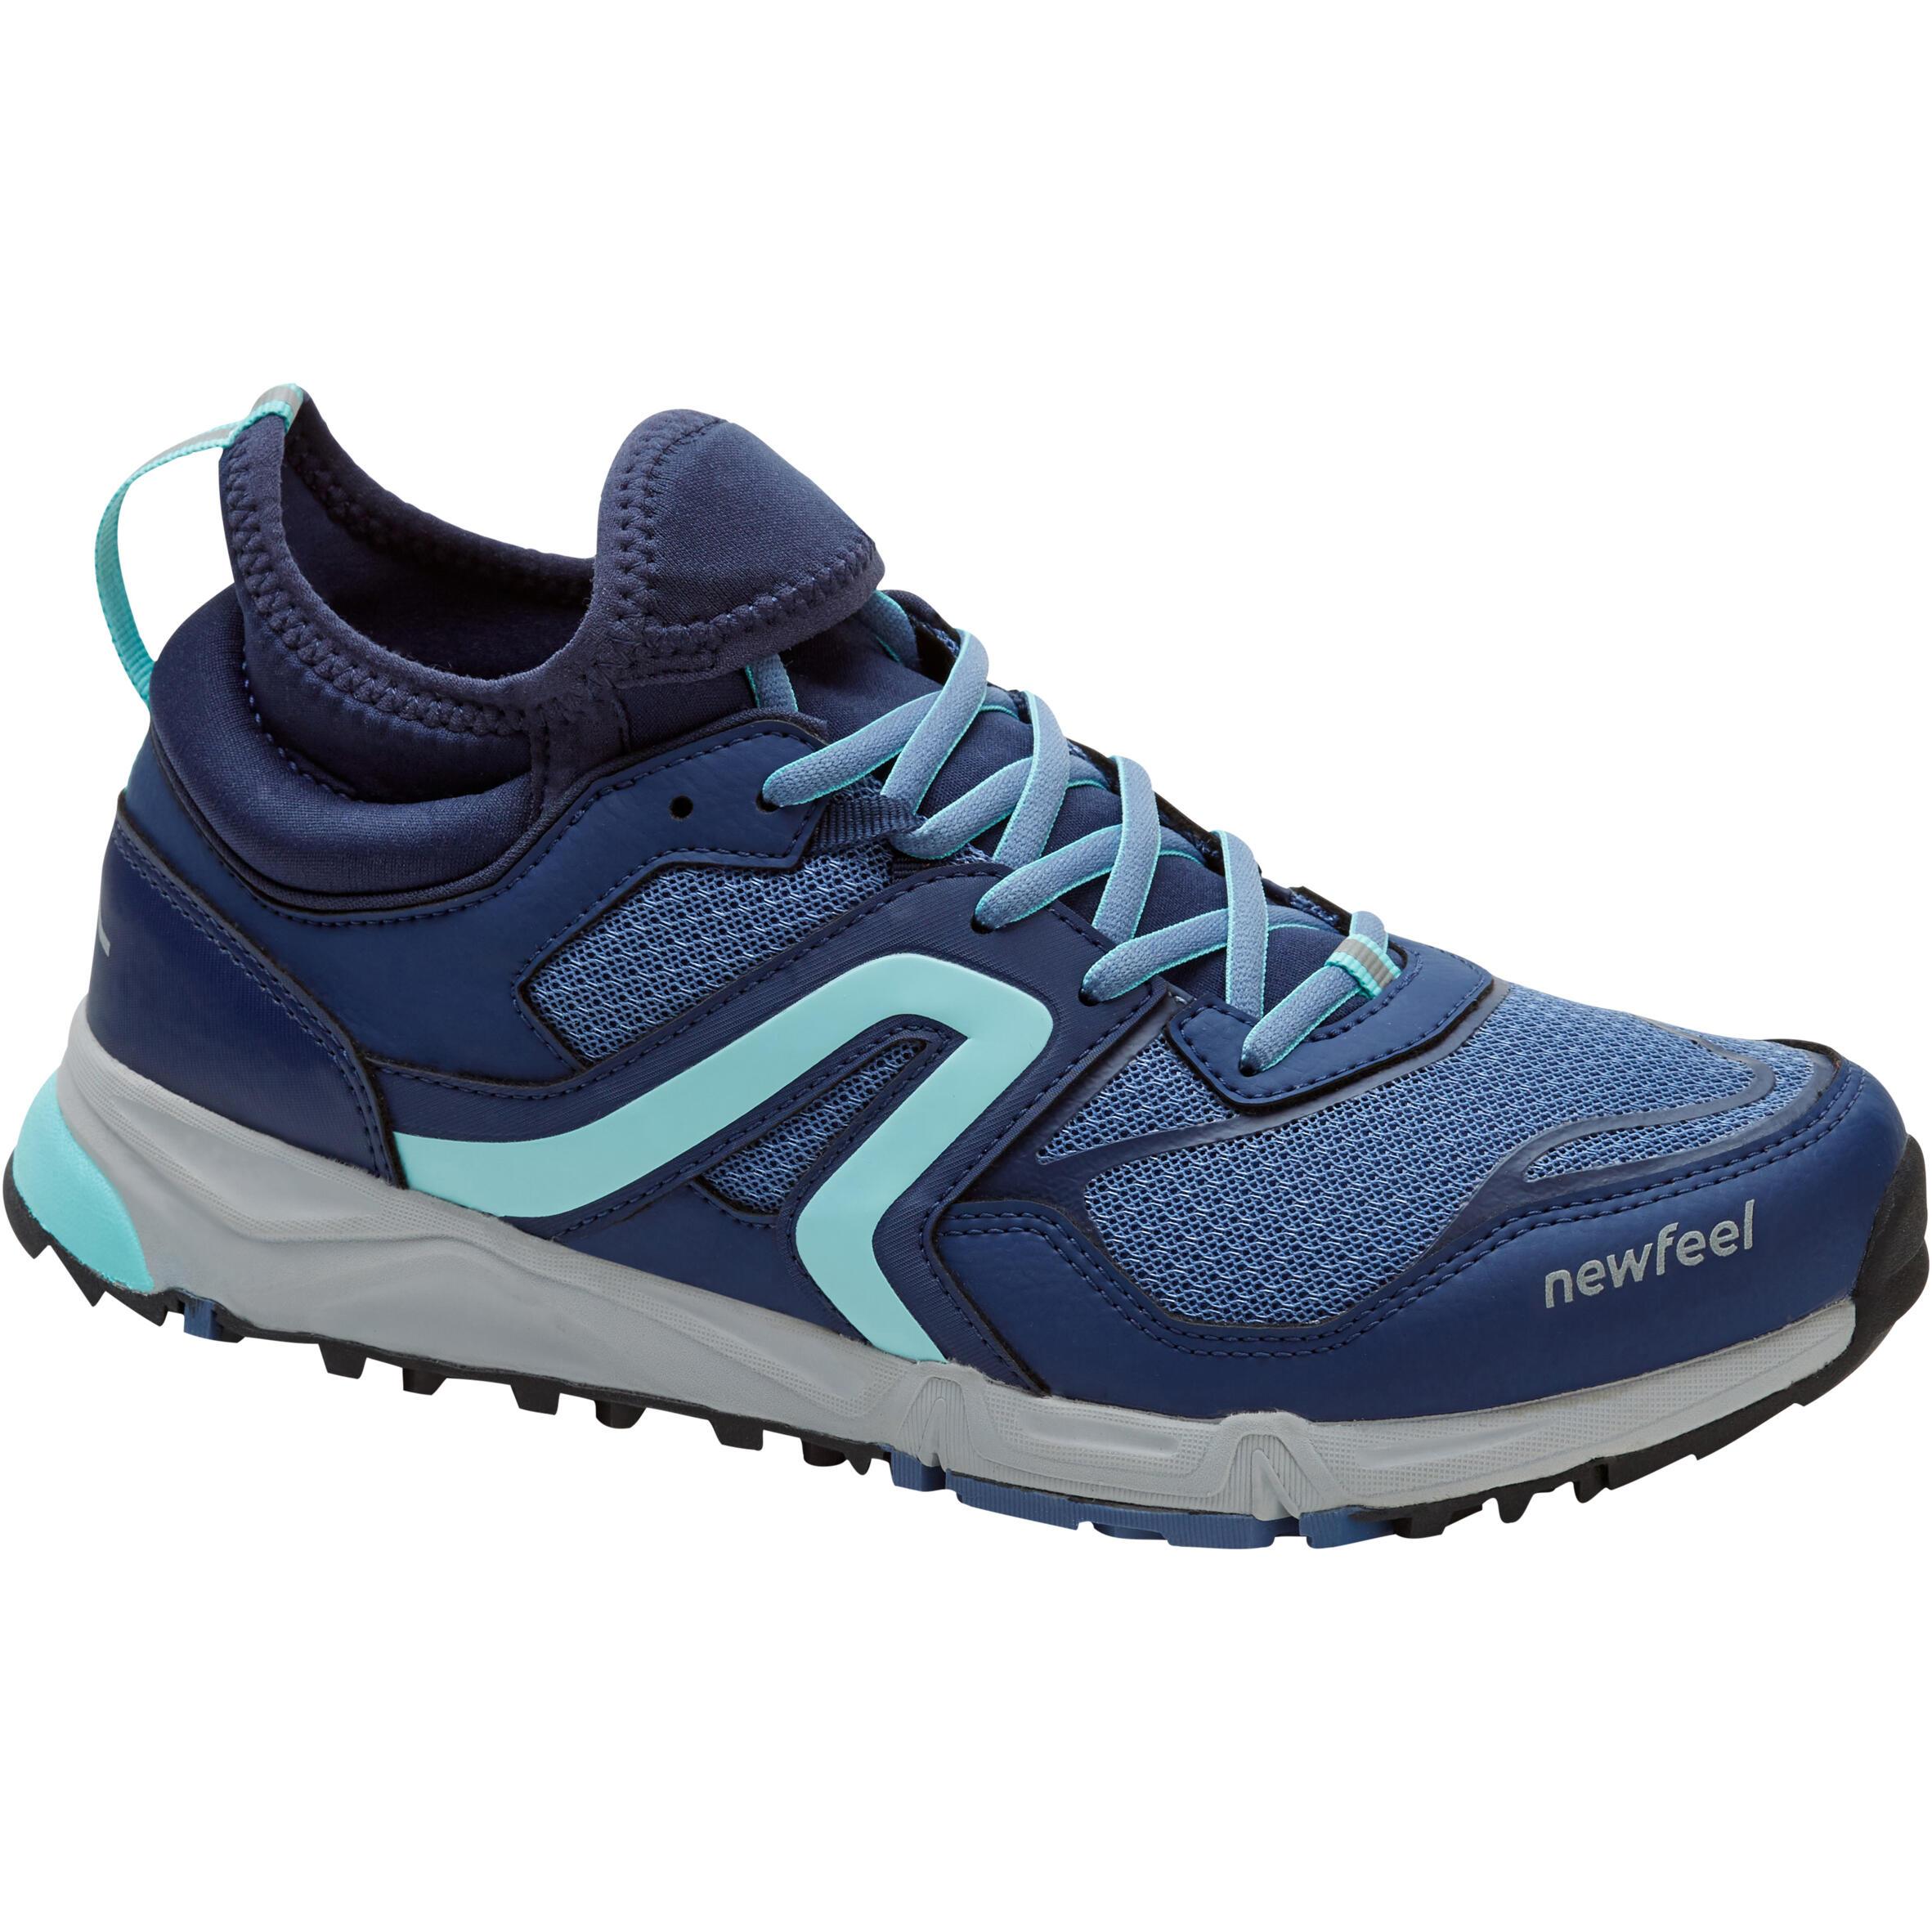 Newfeel Schoenen voor Nordic Walking dames NW 500